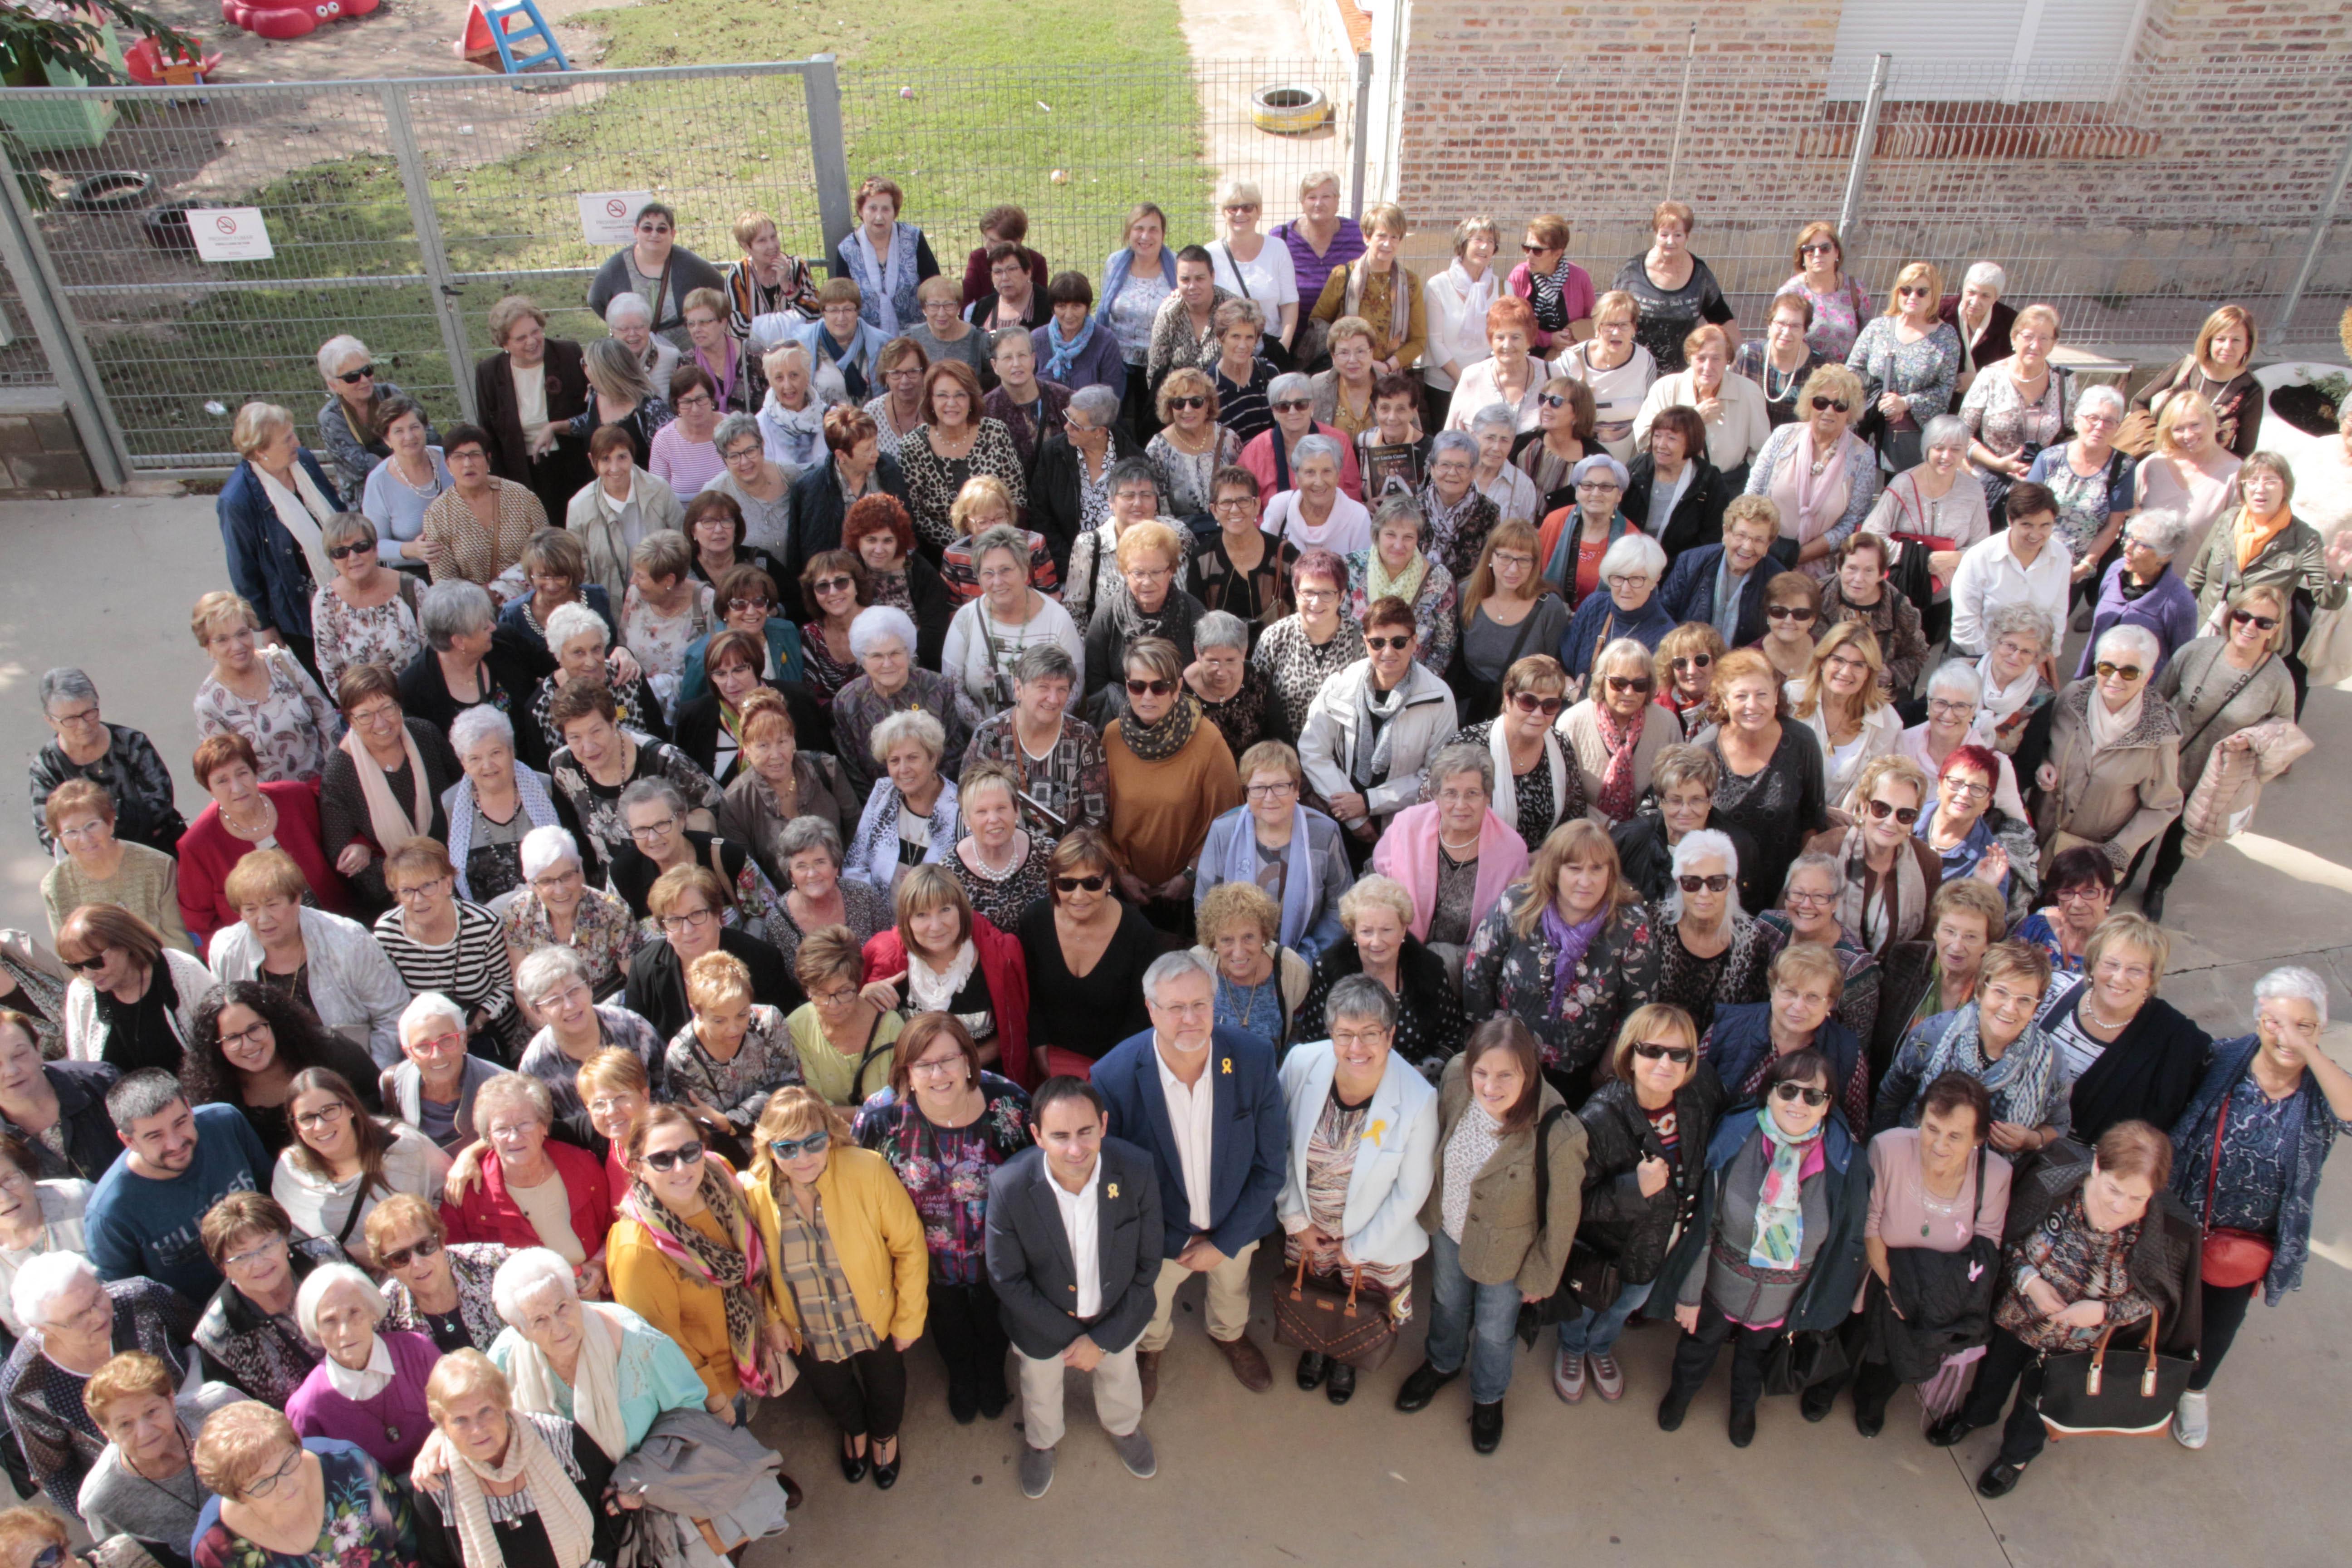 Rosa Maria Perelló participa a la XXI Trobada Intercomarcal de Dones de les Terres de Lleida, celebrada a Preixana